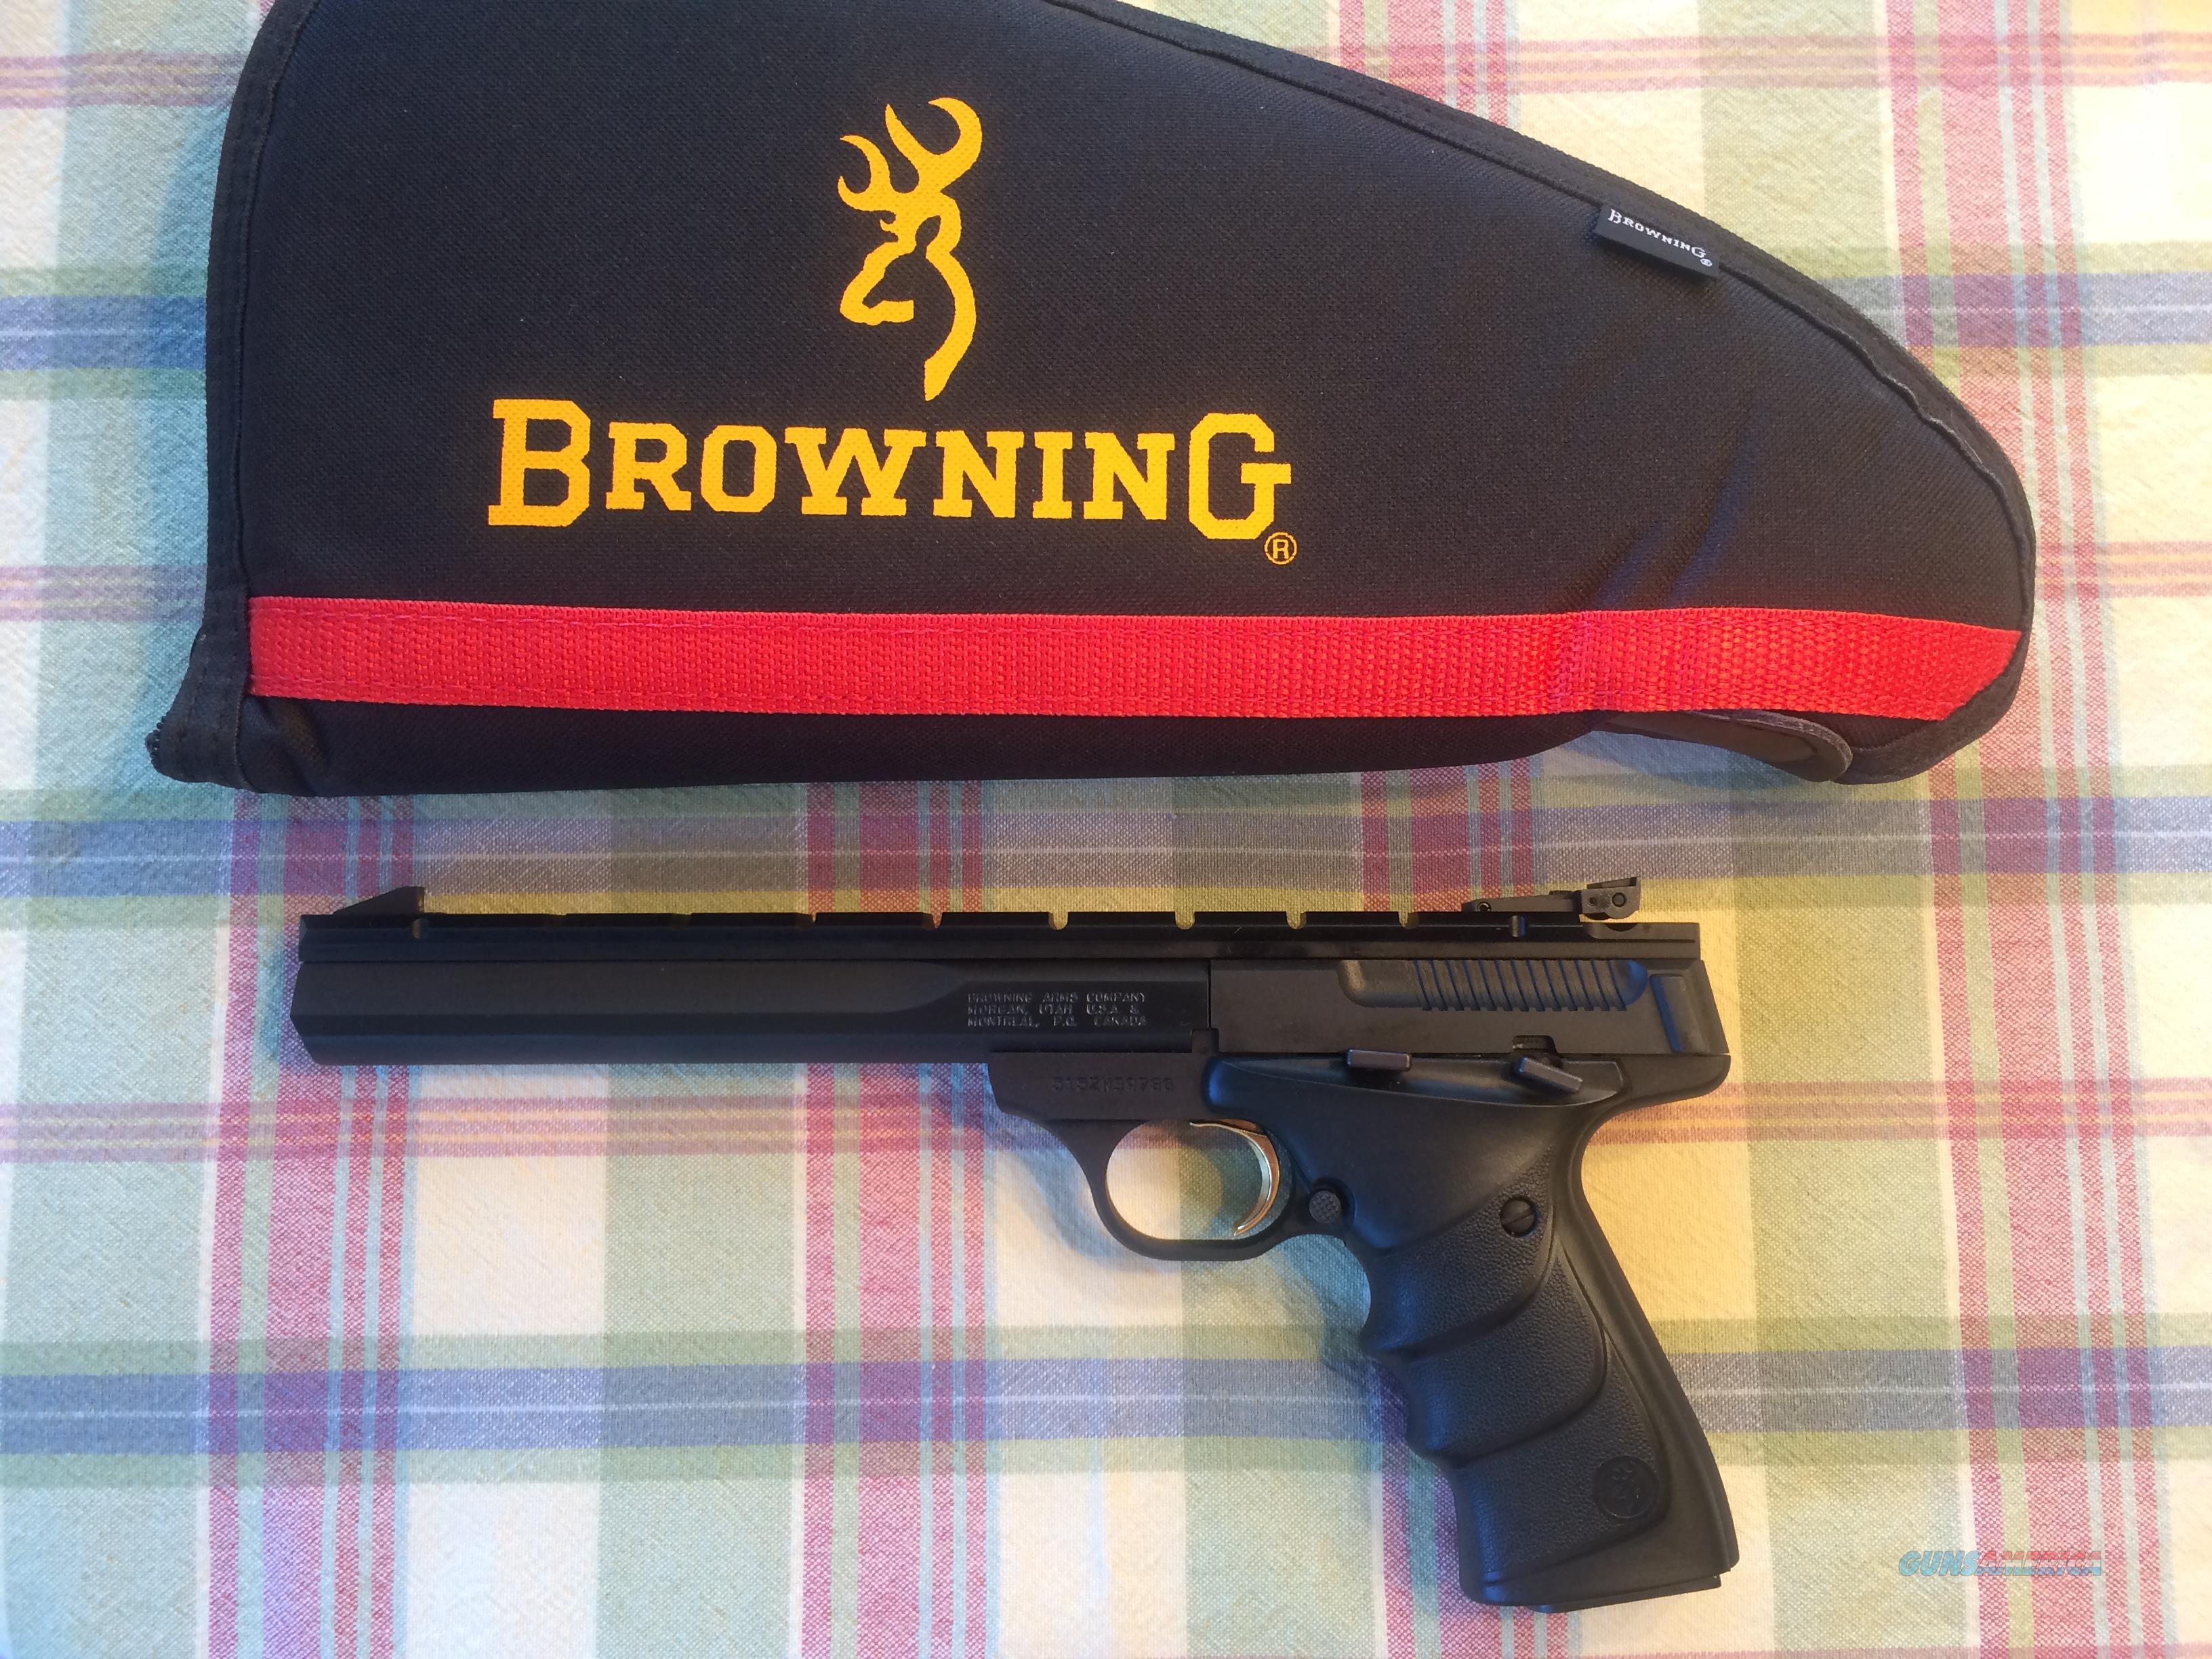 BROWNING BUCK MARK CONTOUR 7.25 URX .22 CALIBER SEMI-AUTO PISTOL - NEW!!  Guns > Pistols > Browning Pistols > Buckmark